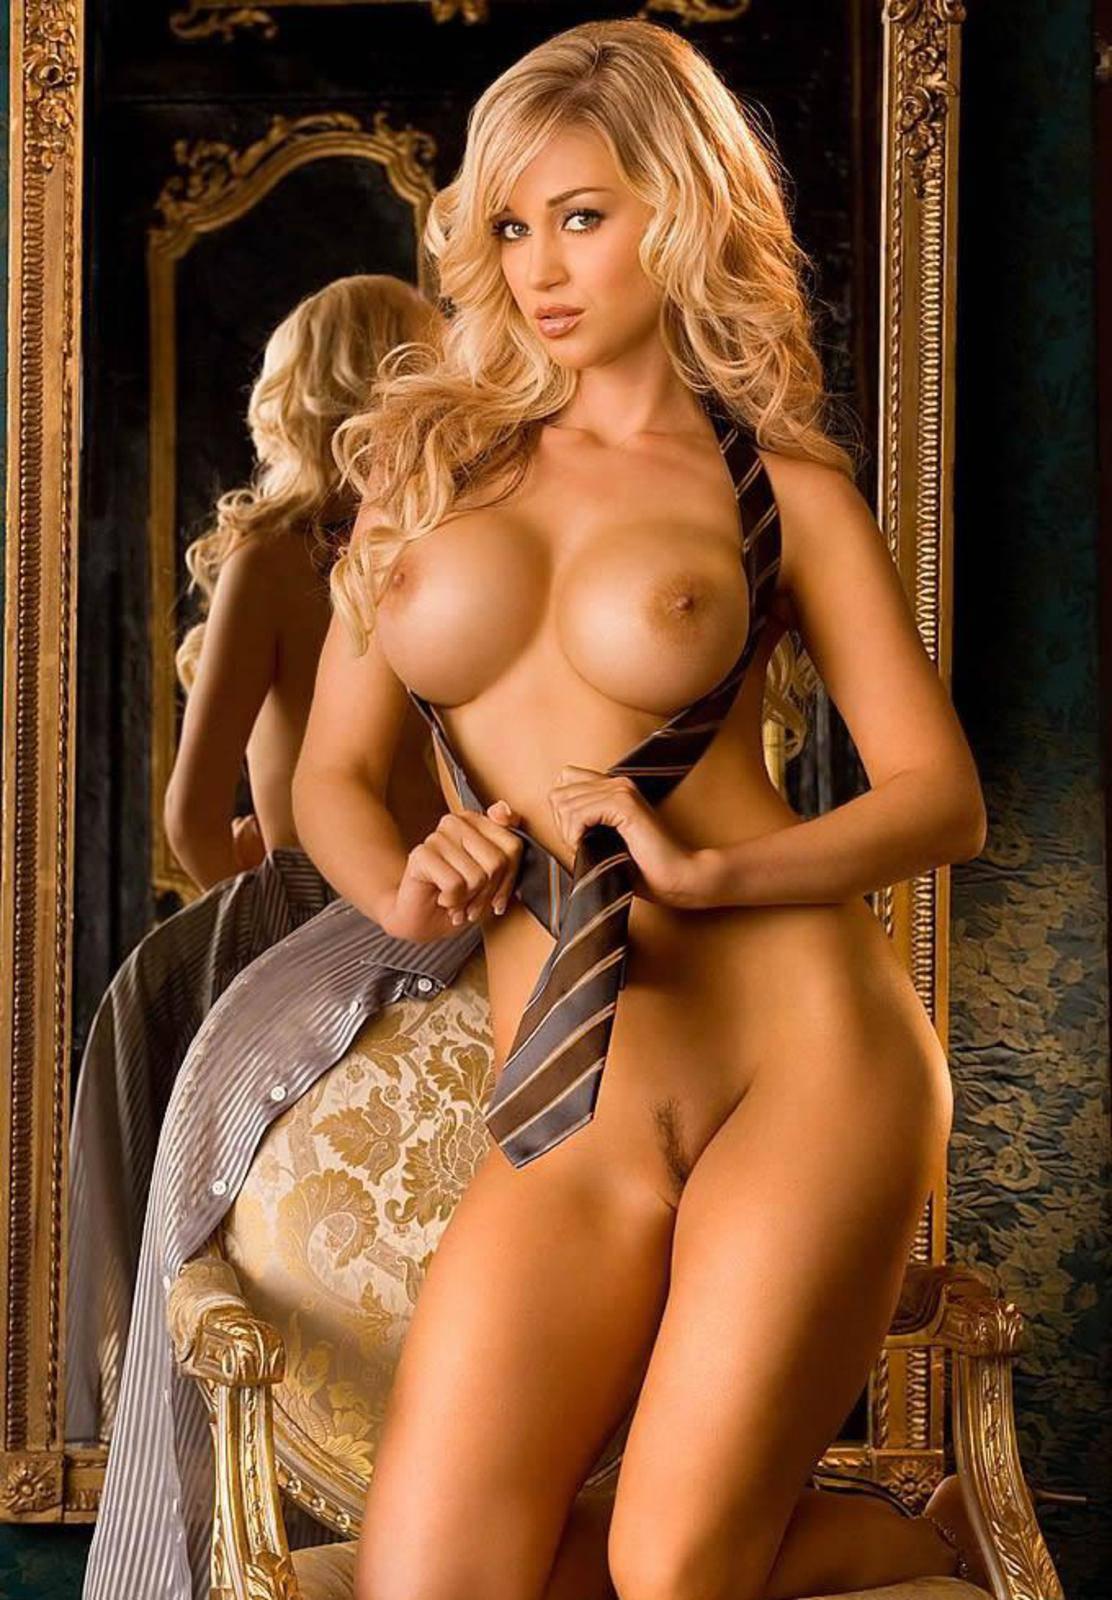 Фото подборка порно моделі 13 фотография